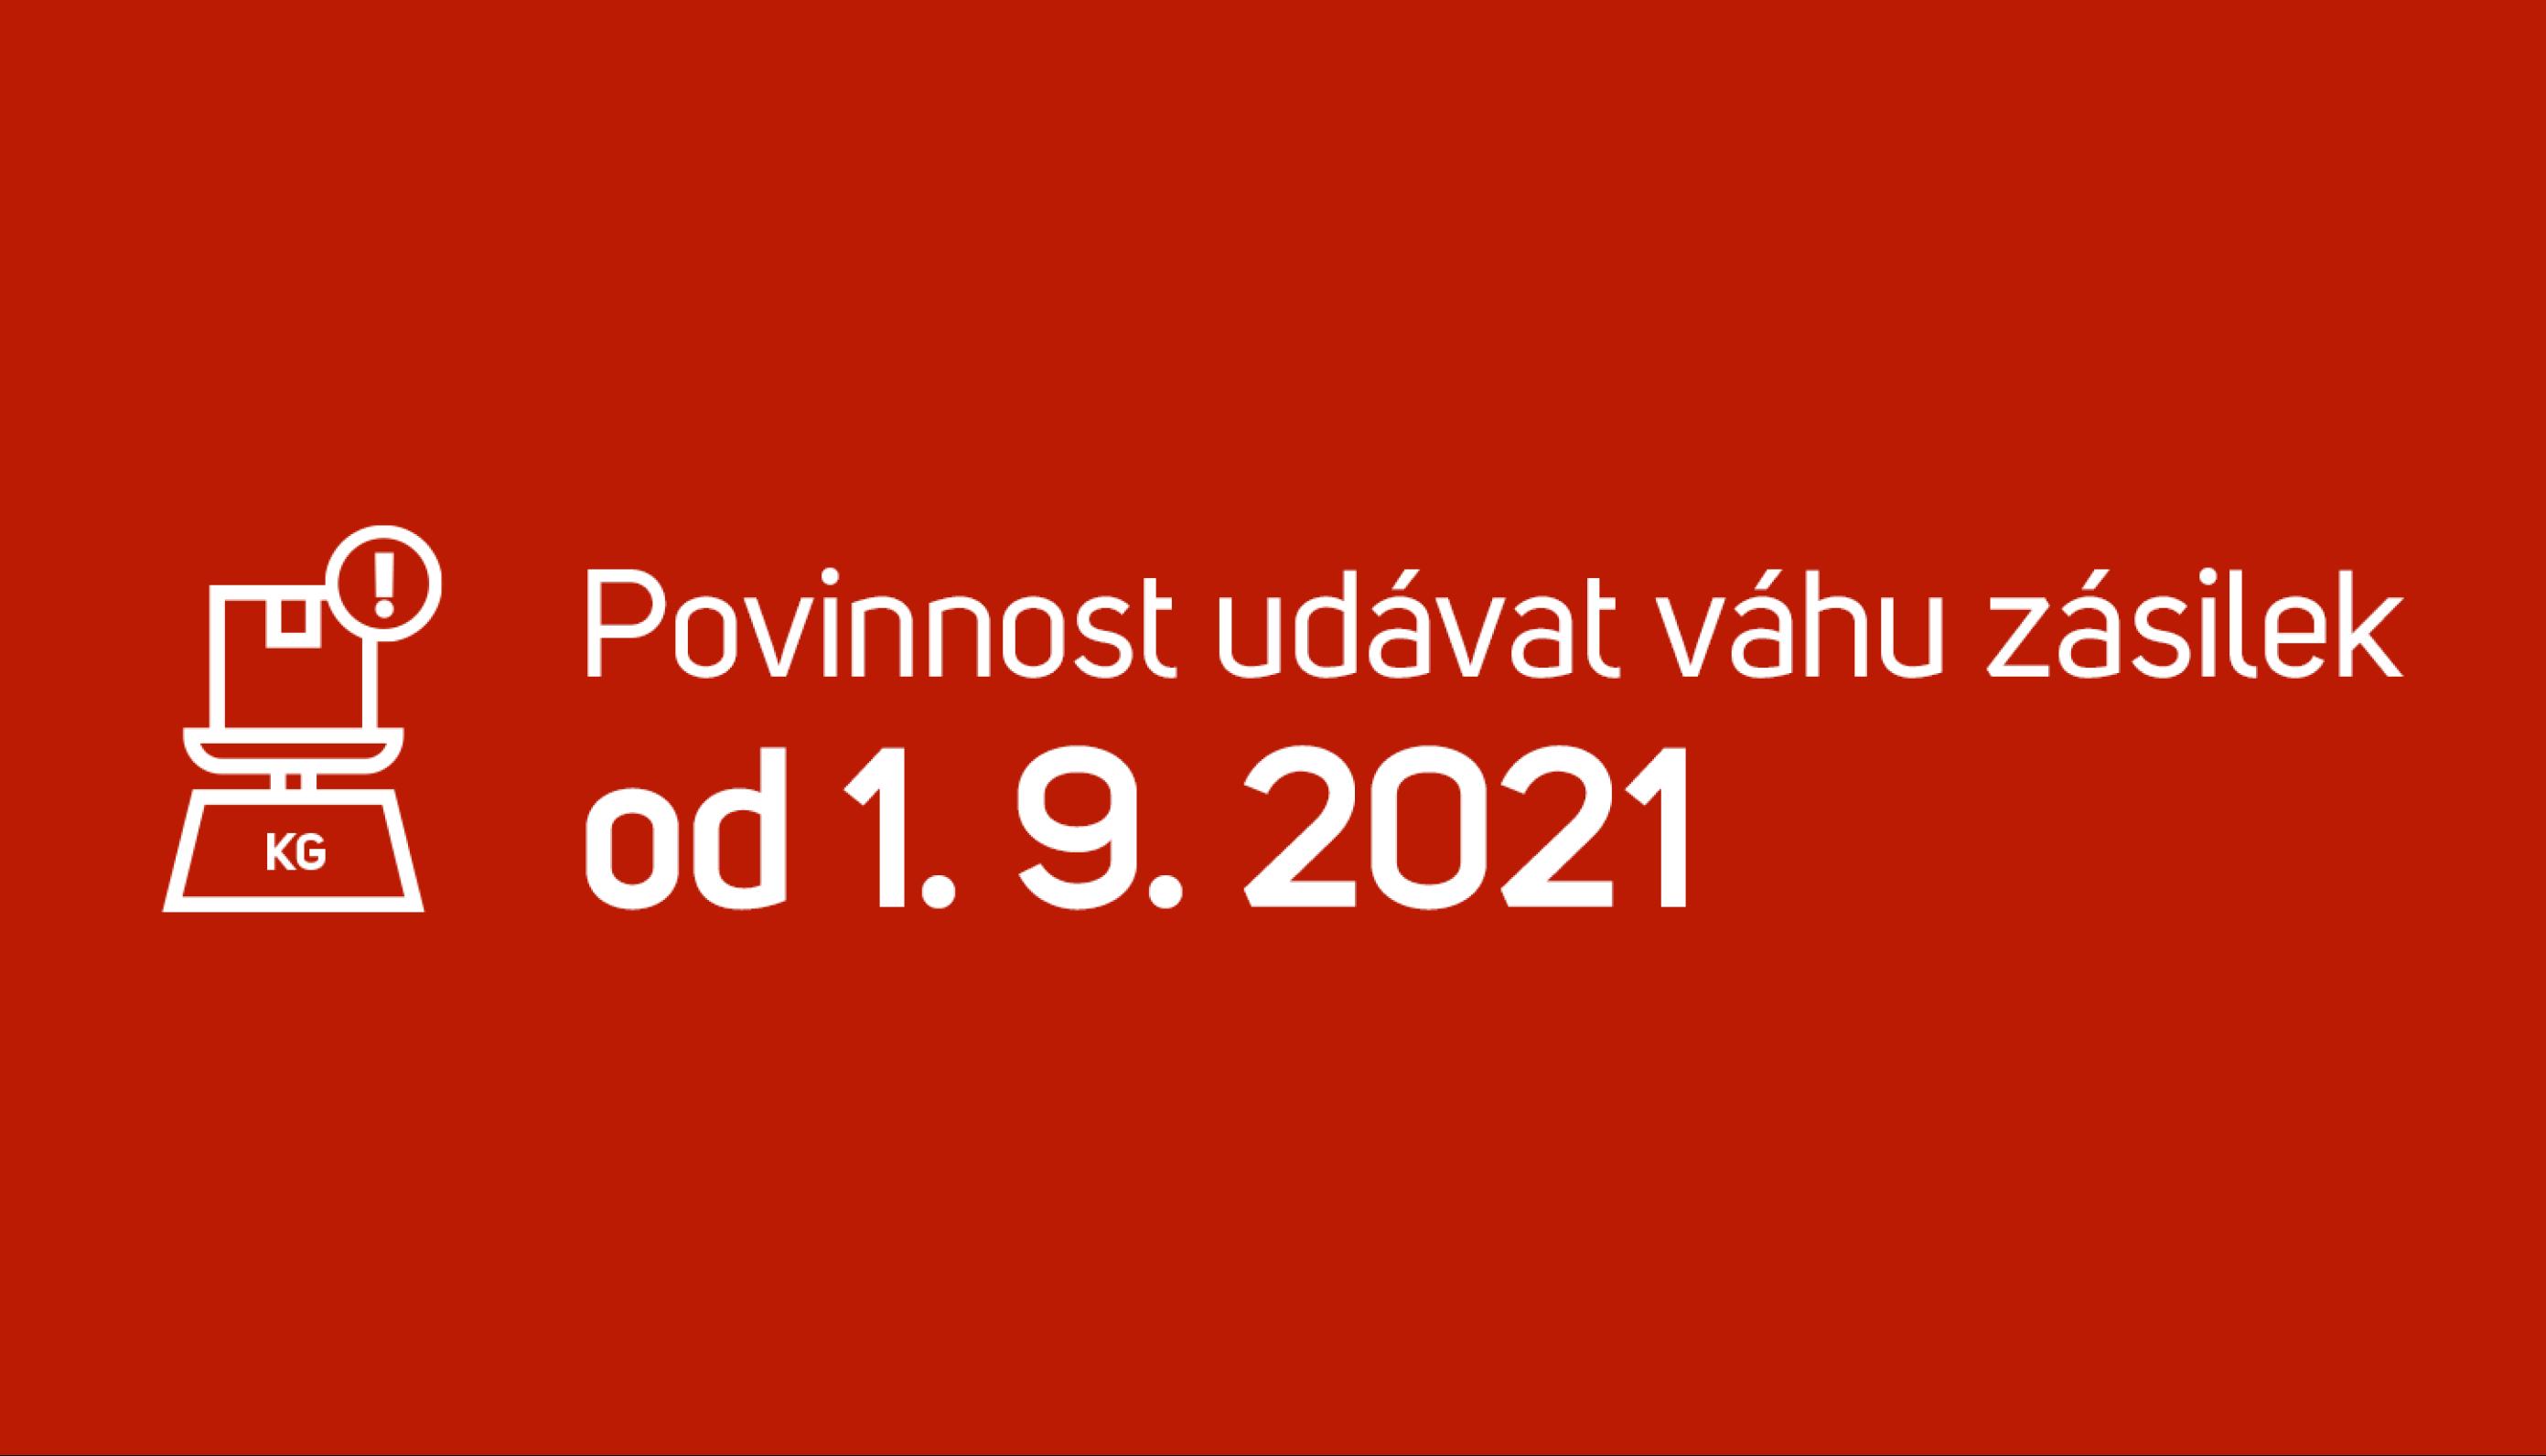 Zasilkovna: Povinnost udávat hmotnost zásilek od 1. 9. 2021